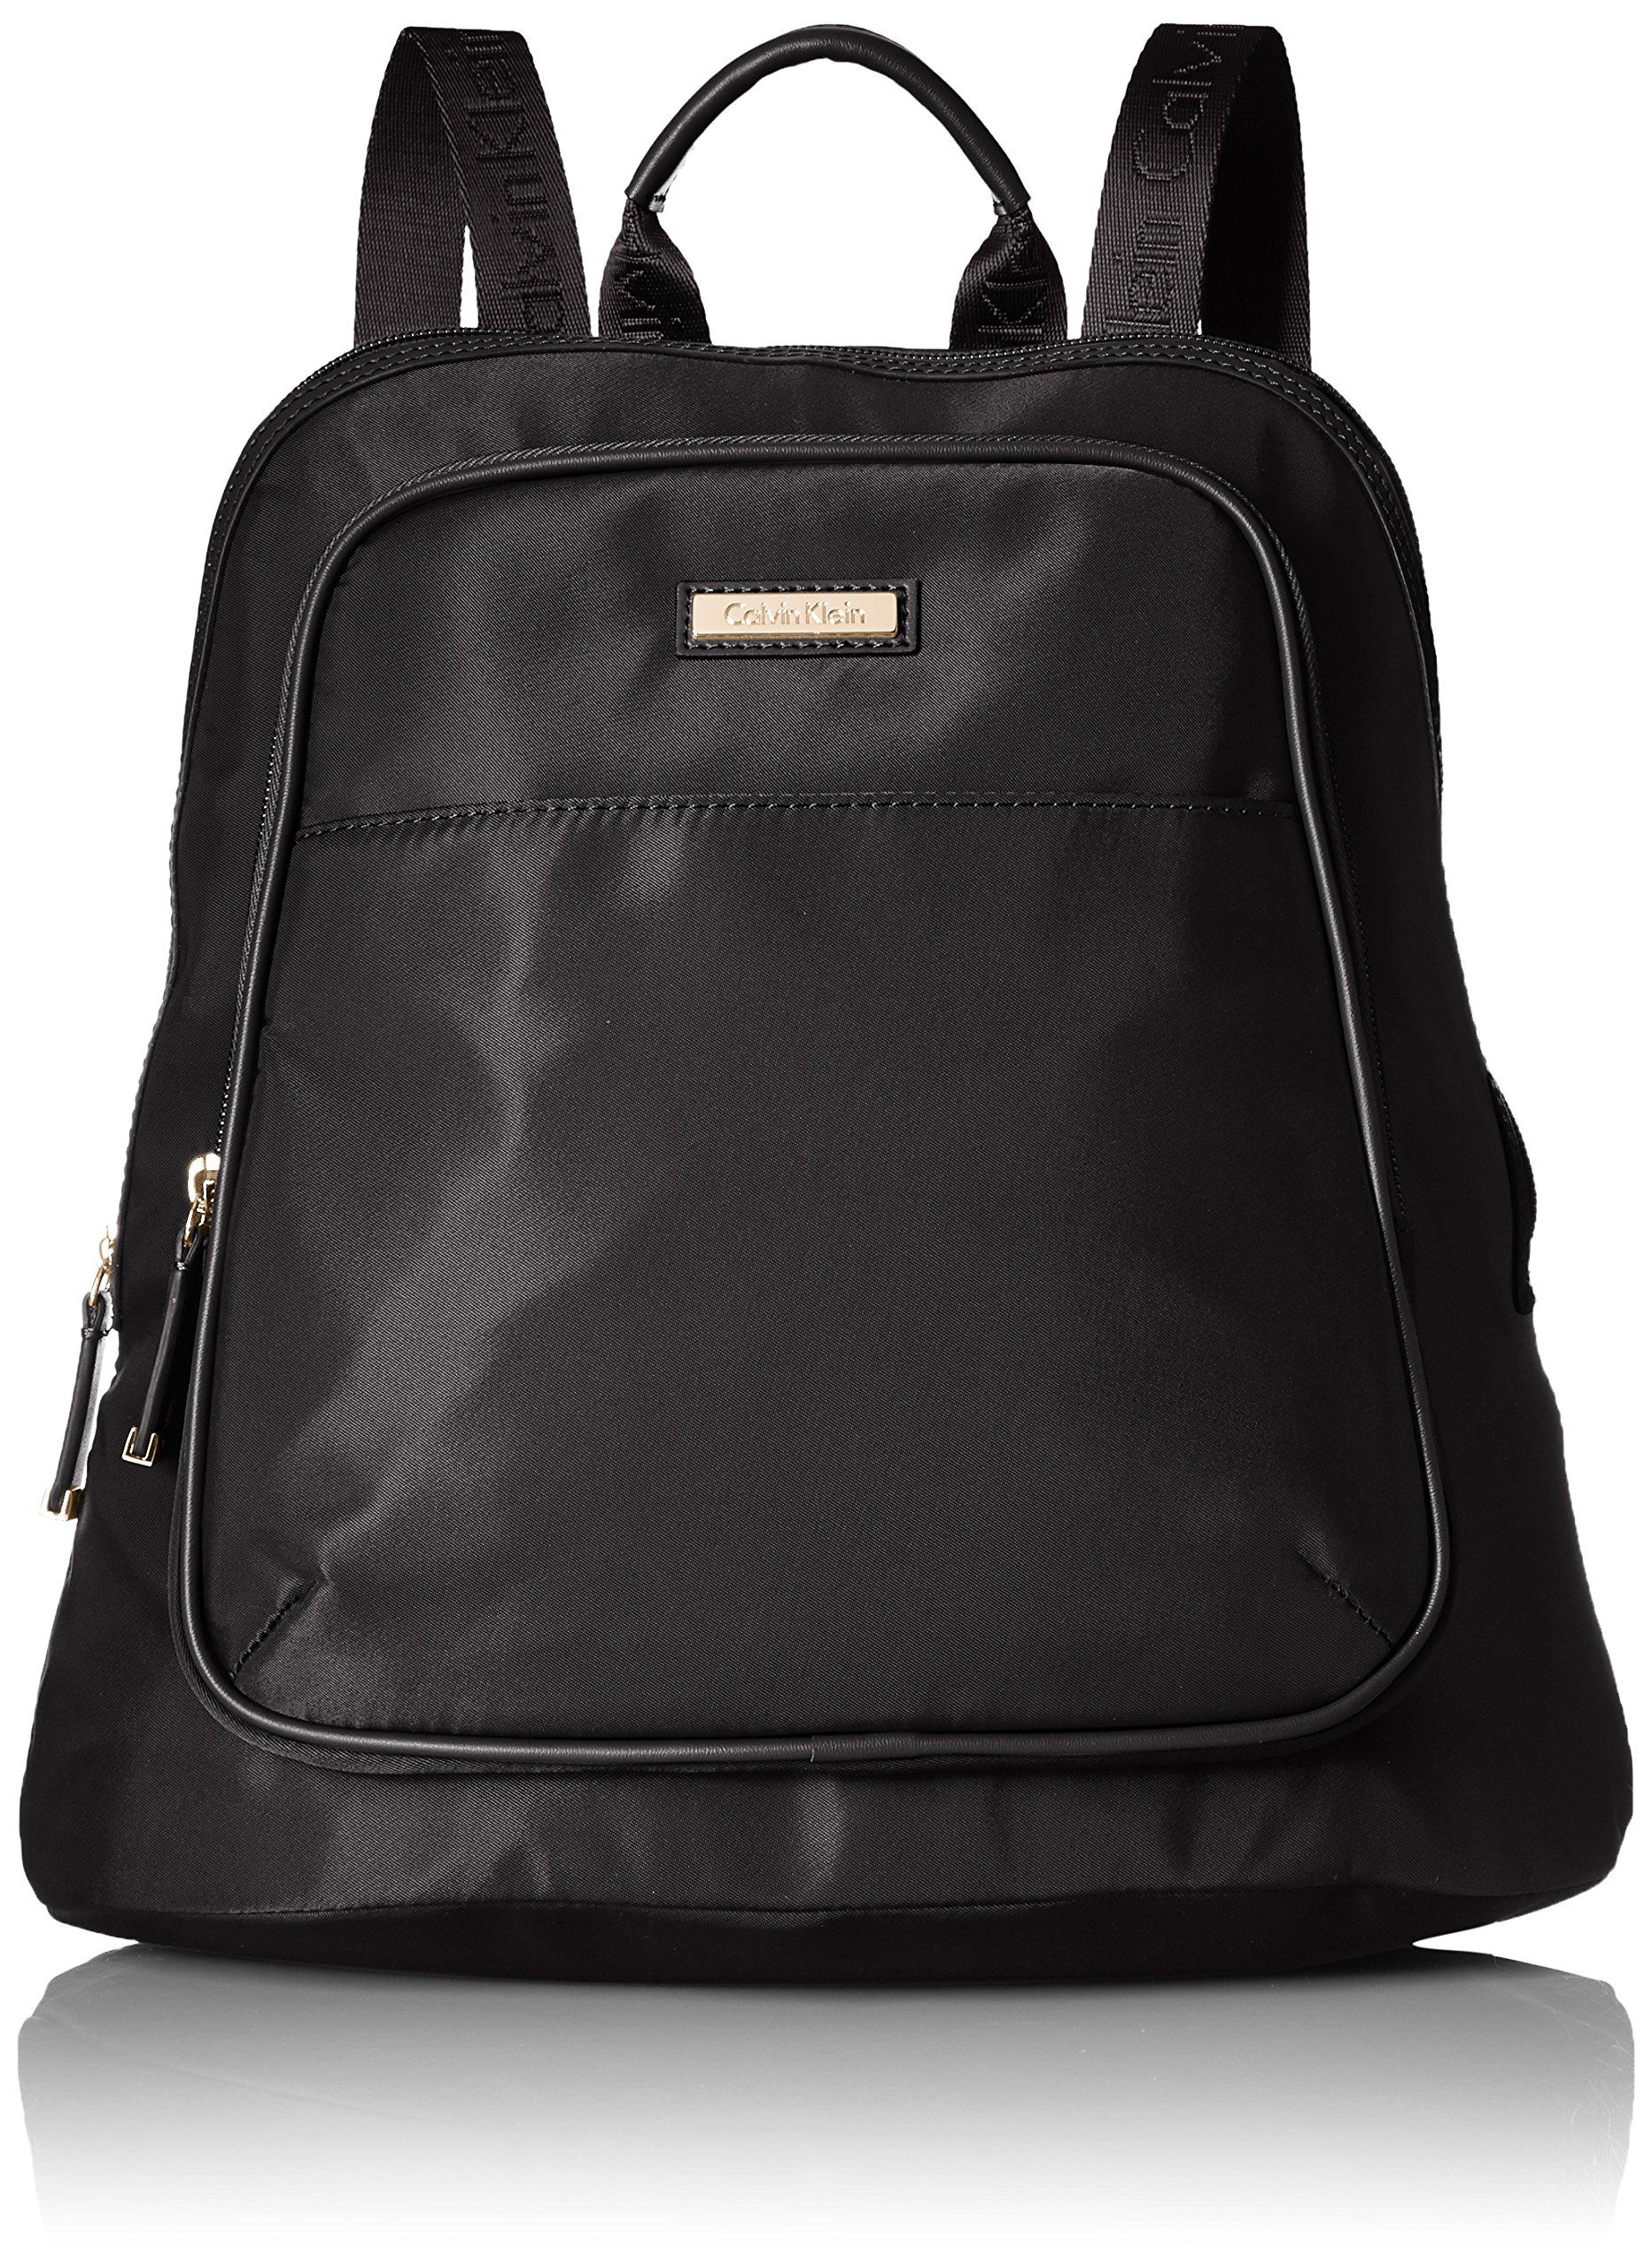 Calvin Klein Nylon Back pack, Black/Gold